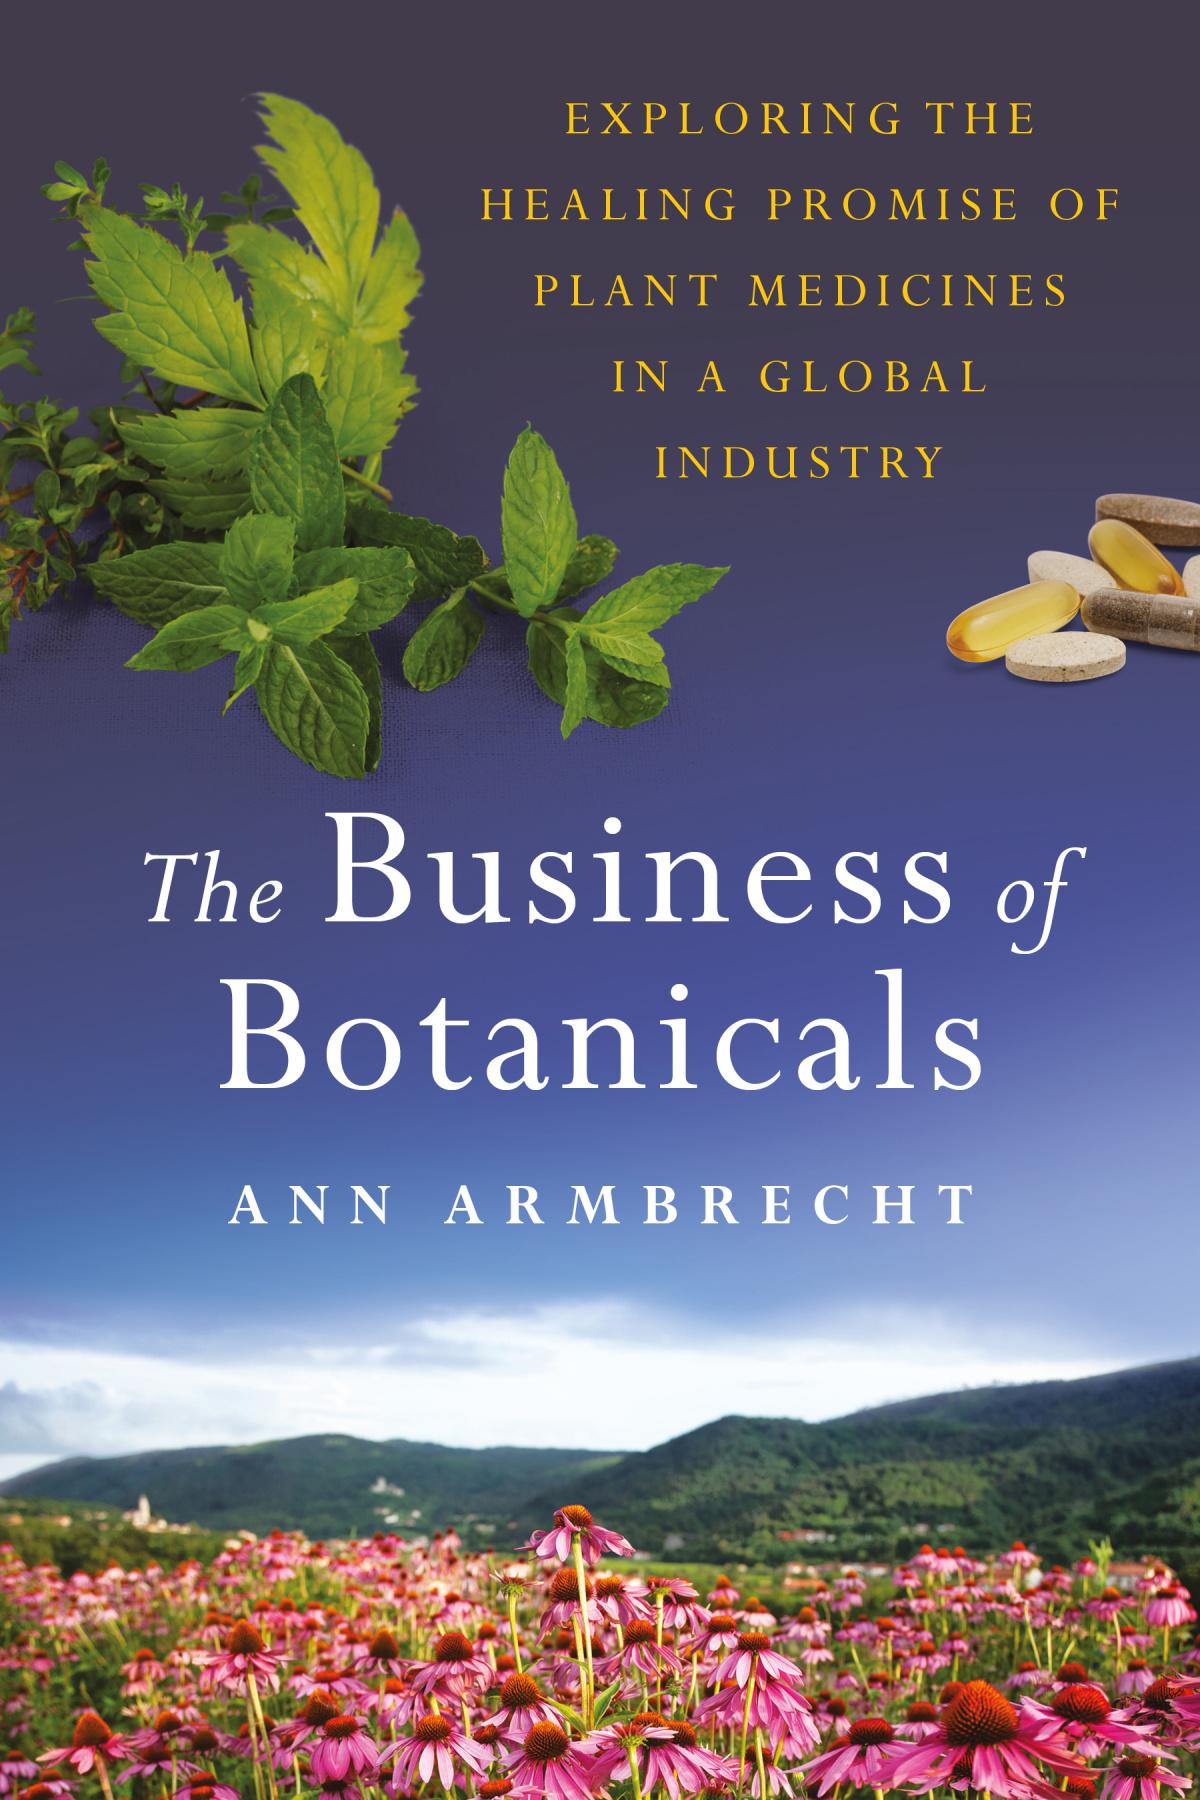 """Ann Armbrecht's new book, """"The Business of Botanicals""""."""